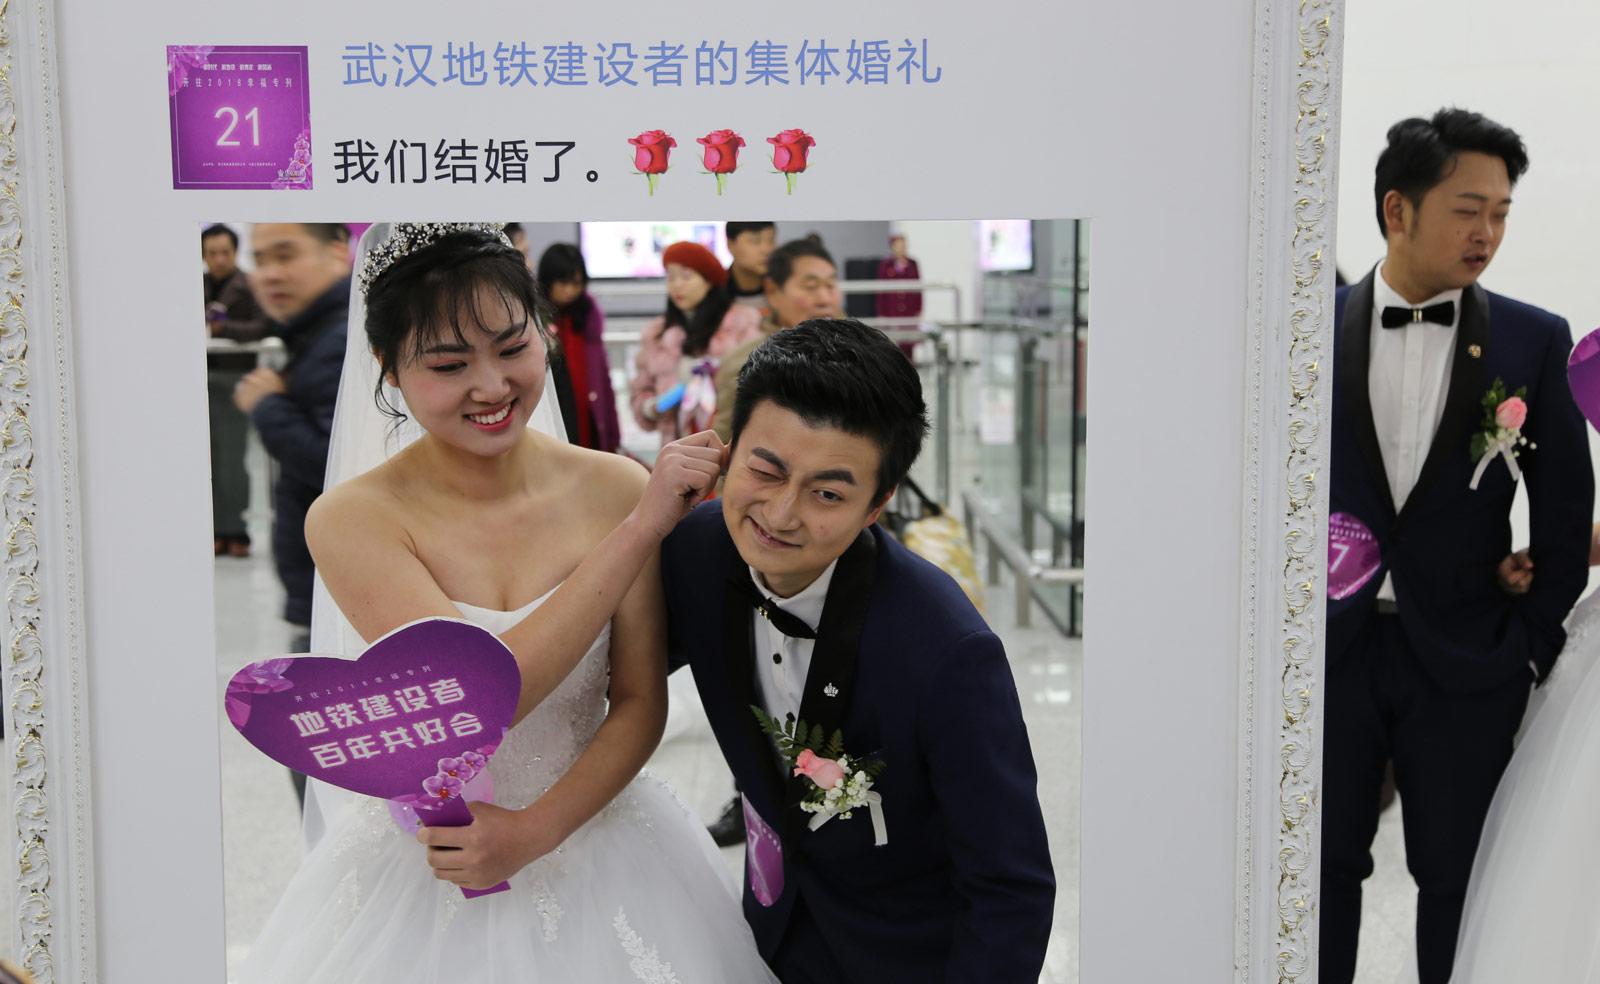 在当天集体婚礼上,新人们做游戏、拍合影、送喜糖,和市民一起分享自己的幸福。图为一对新人拍摄的趣味合影照。(连迅 摄)